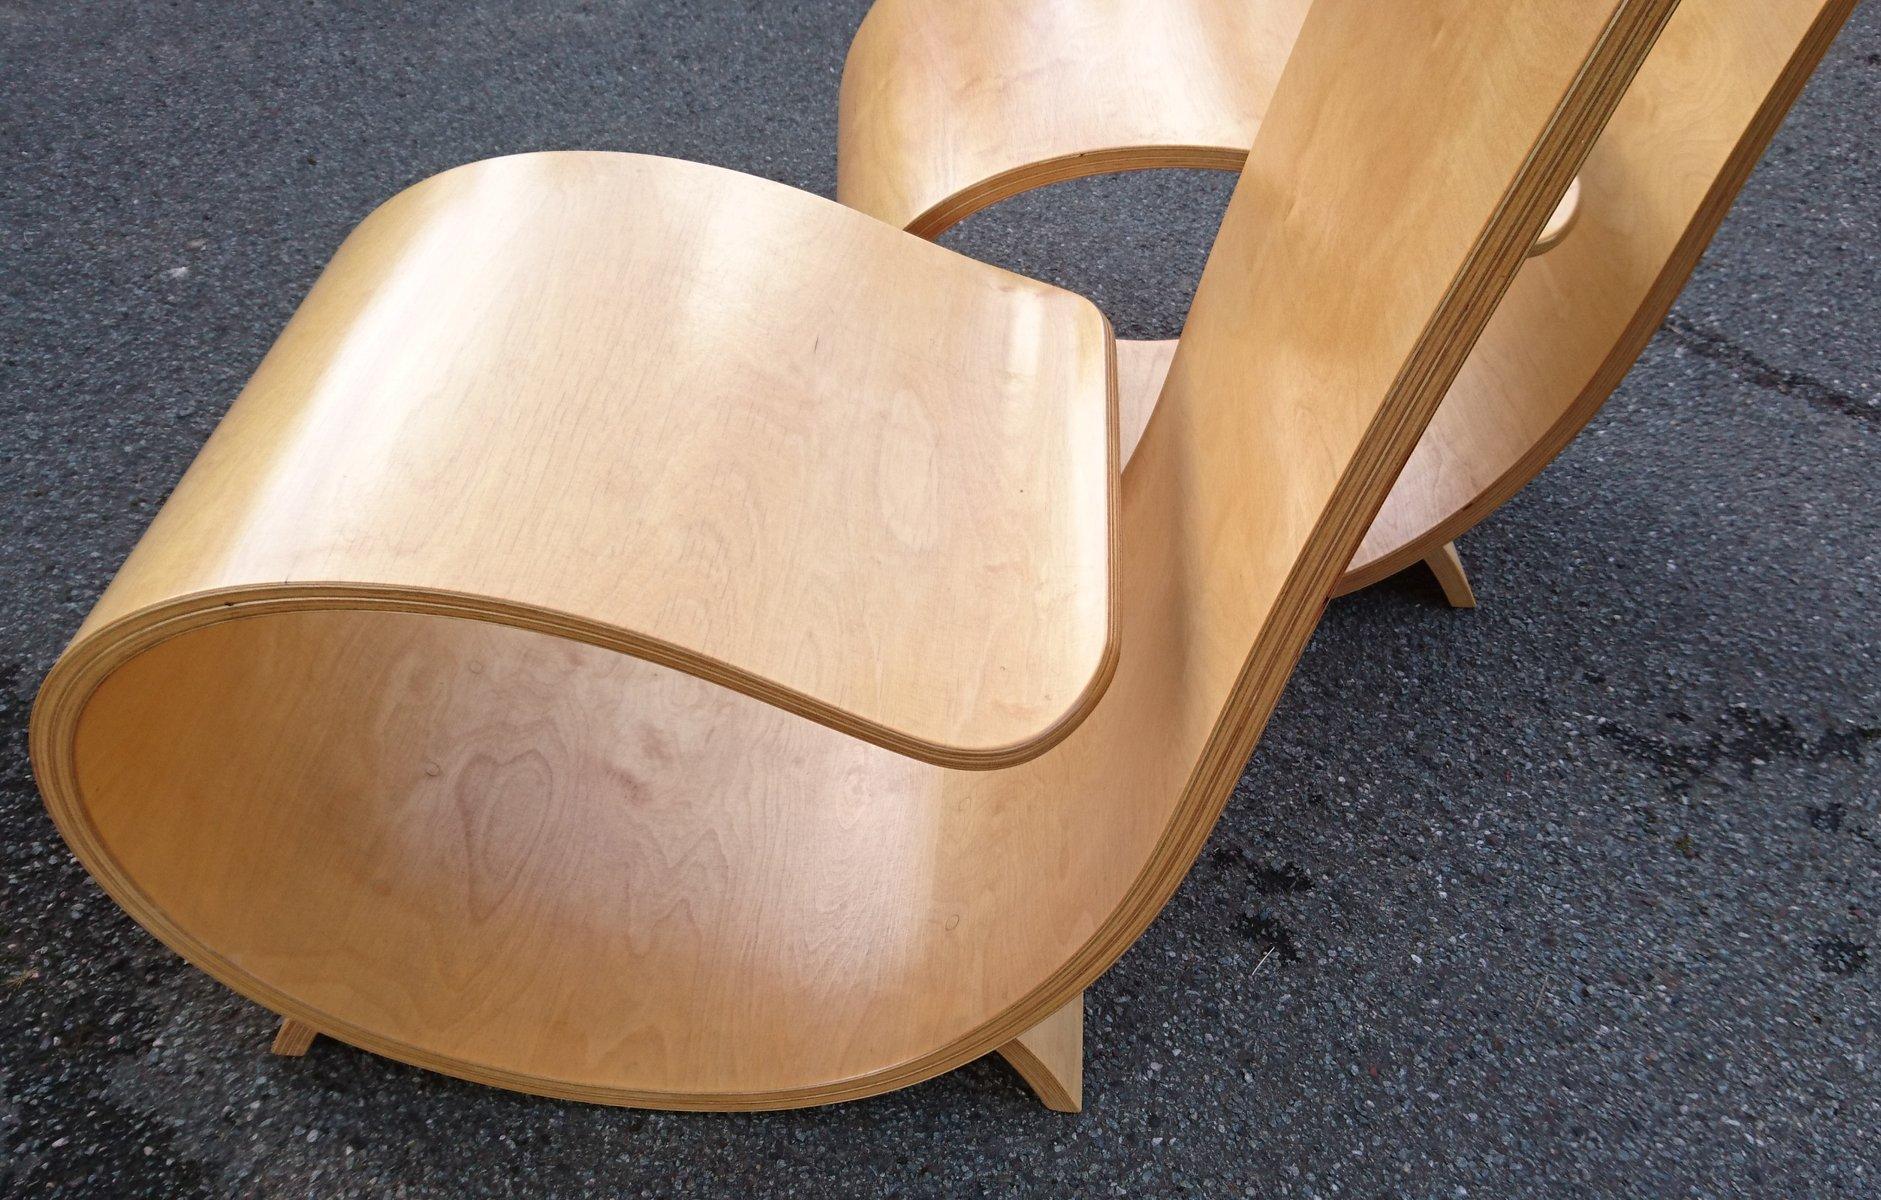 Sedie Schienale Alto Legno : Sedie con schienale alto in legno di betulla laminato arrotolato